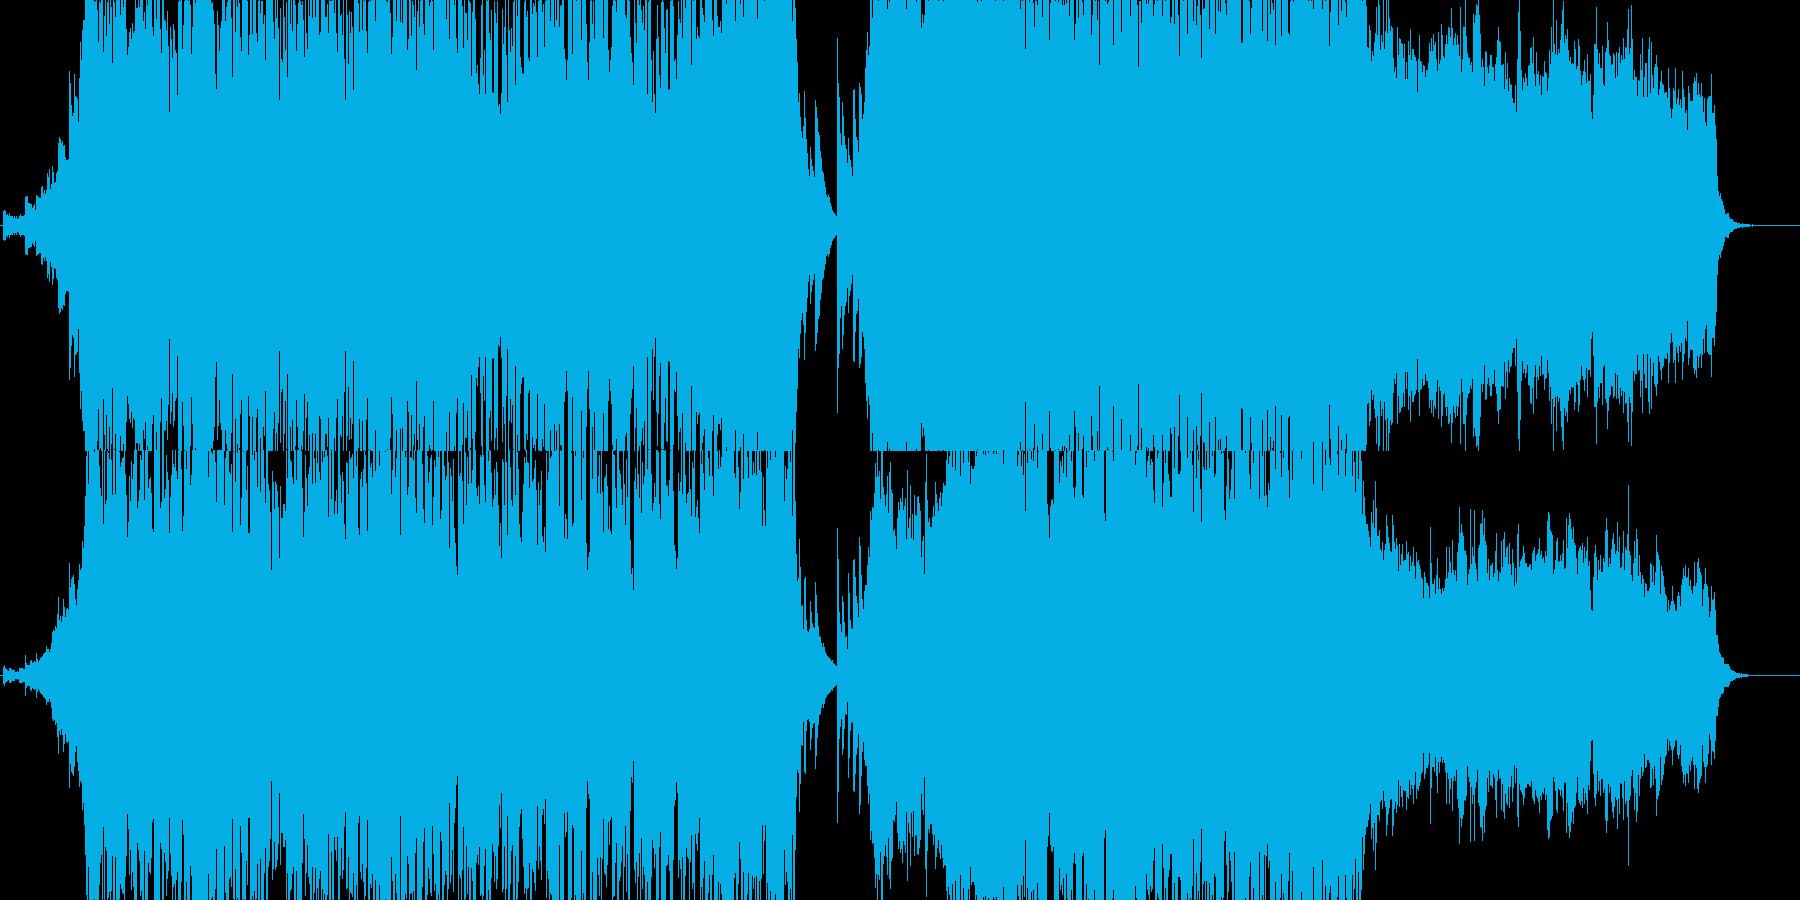 壮大な感動的エンディングのオーケストラ風の再生済みの波形